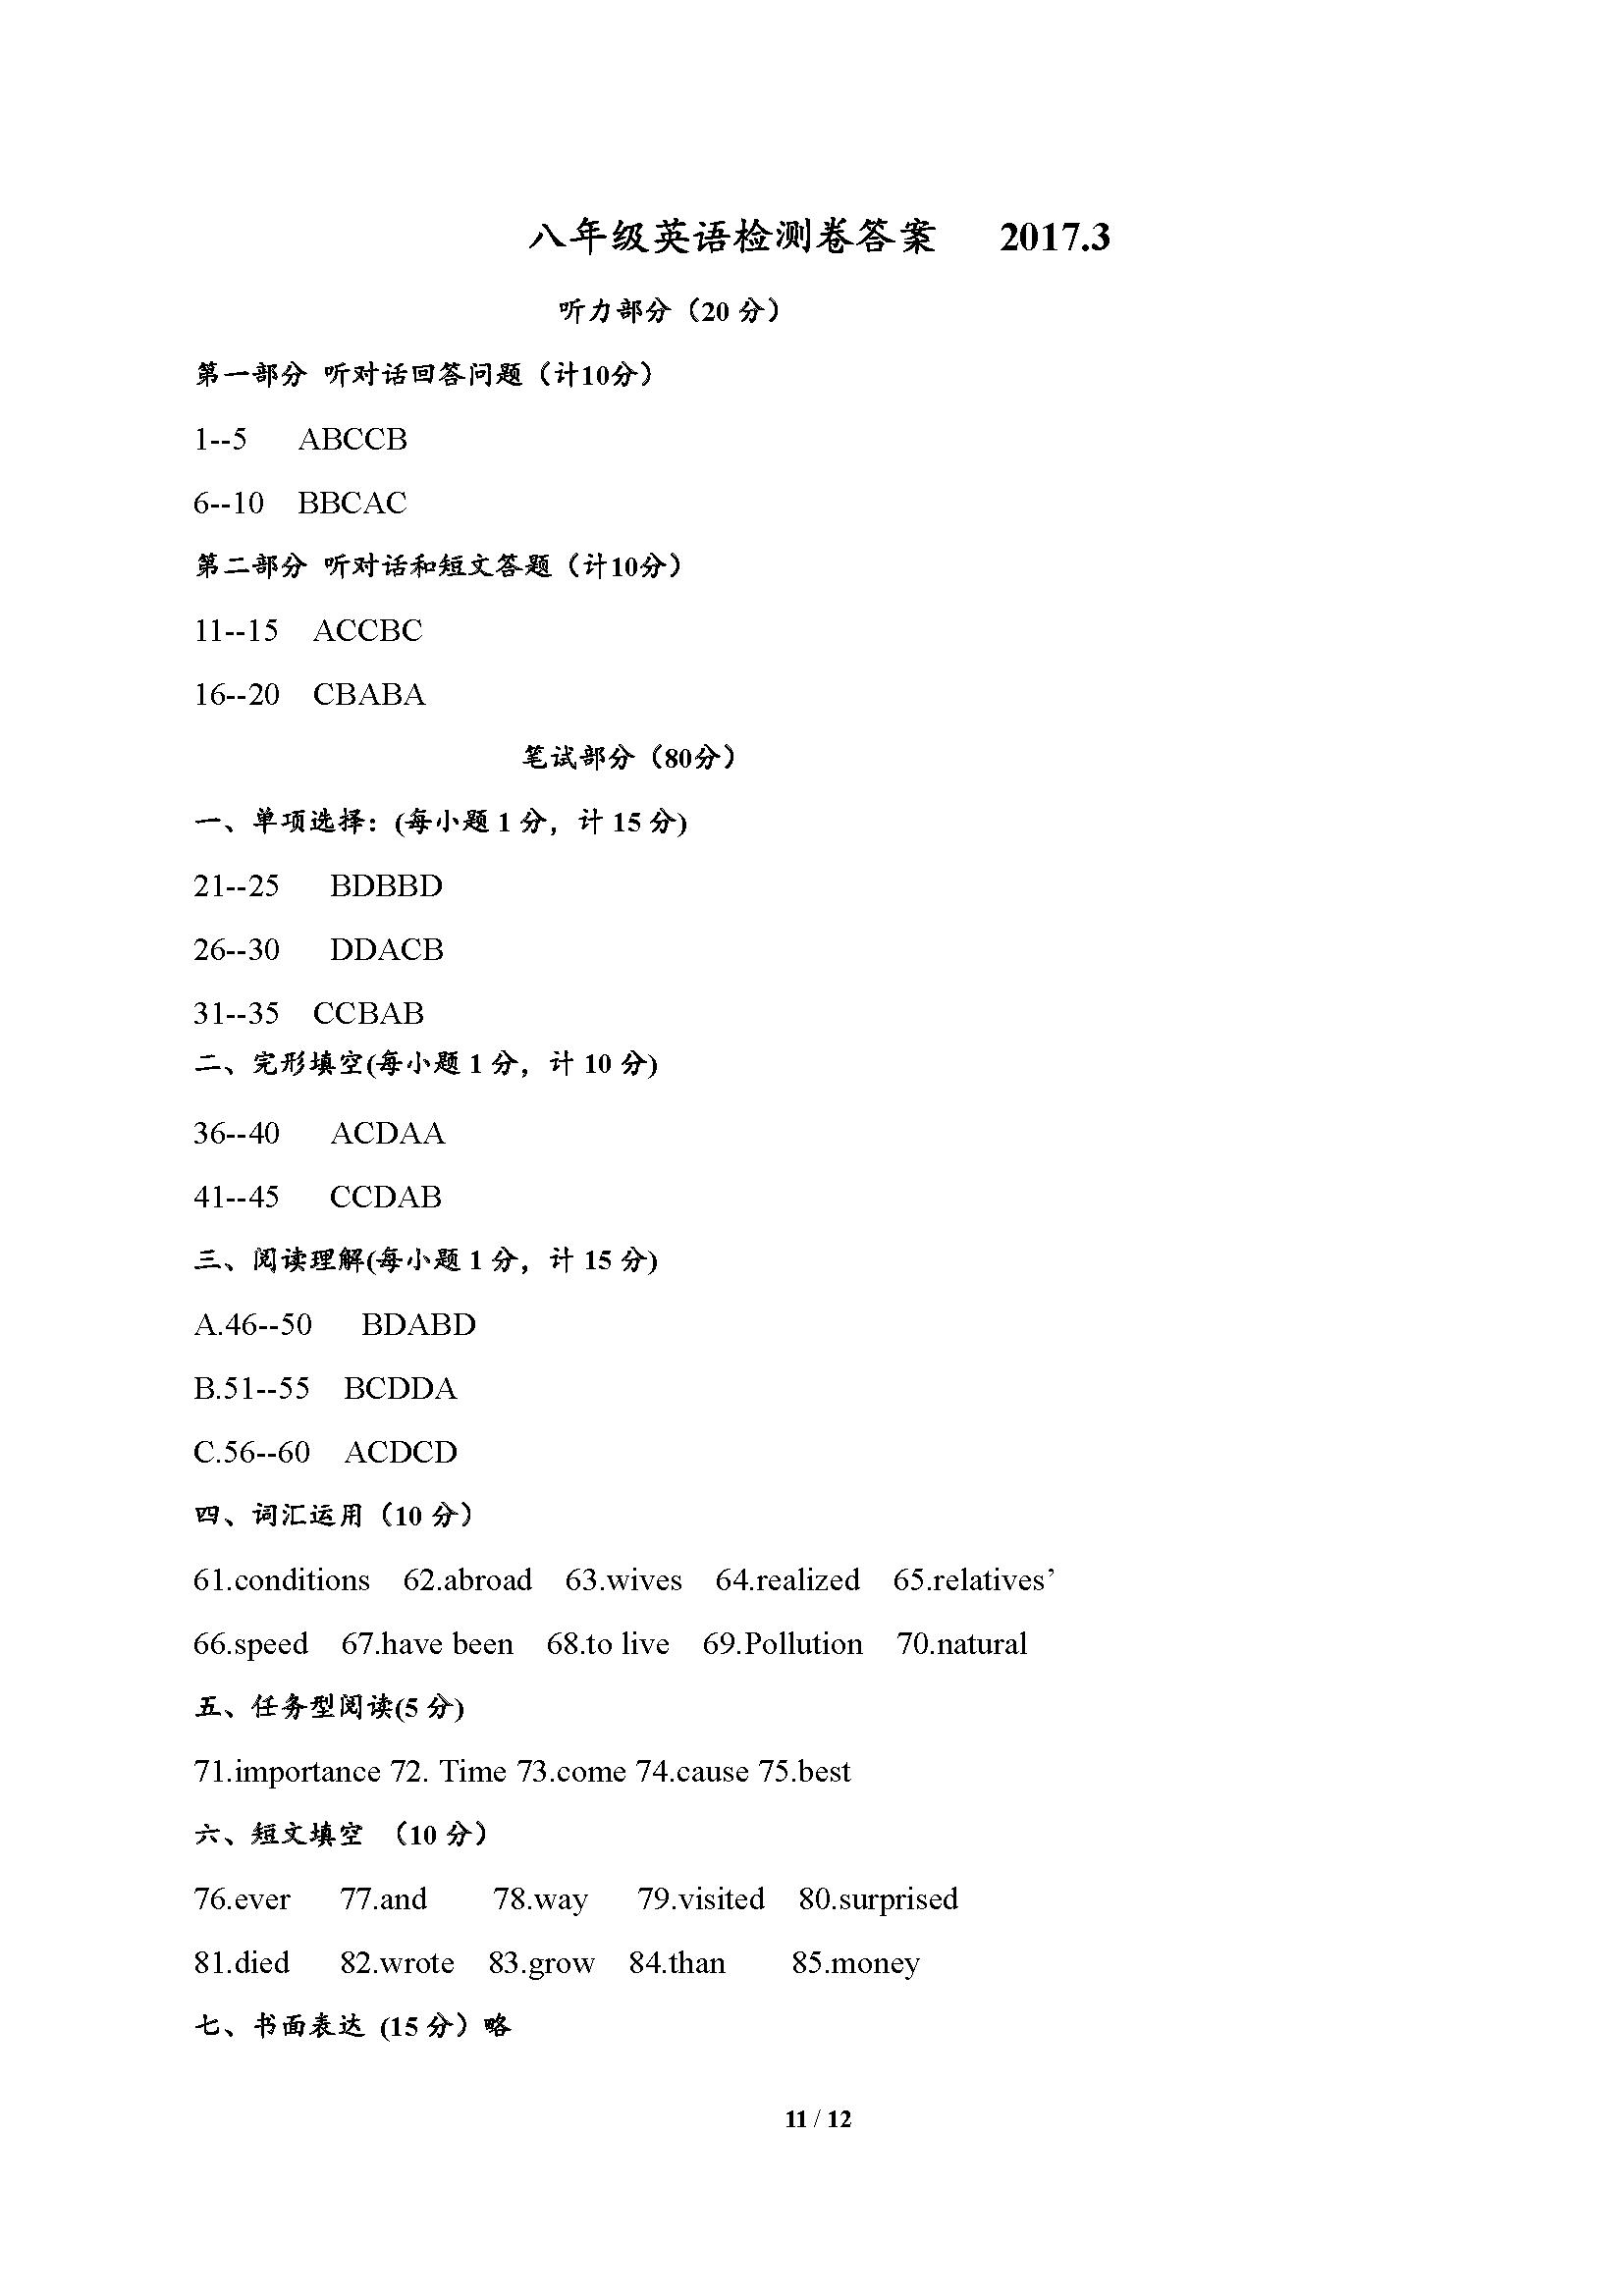 2017江苏镇江丹阳实验学校八年级3月月考英语试题答案(Word版)